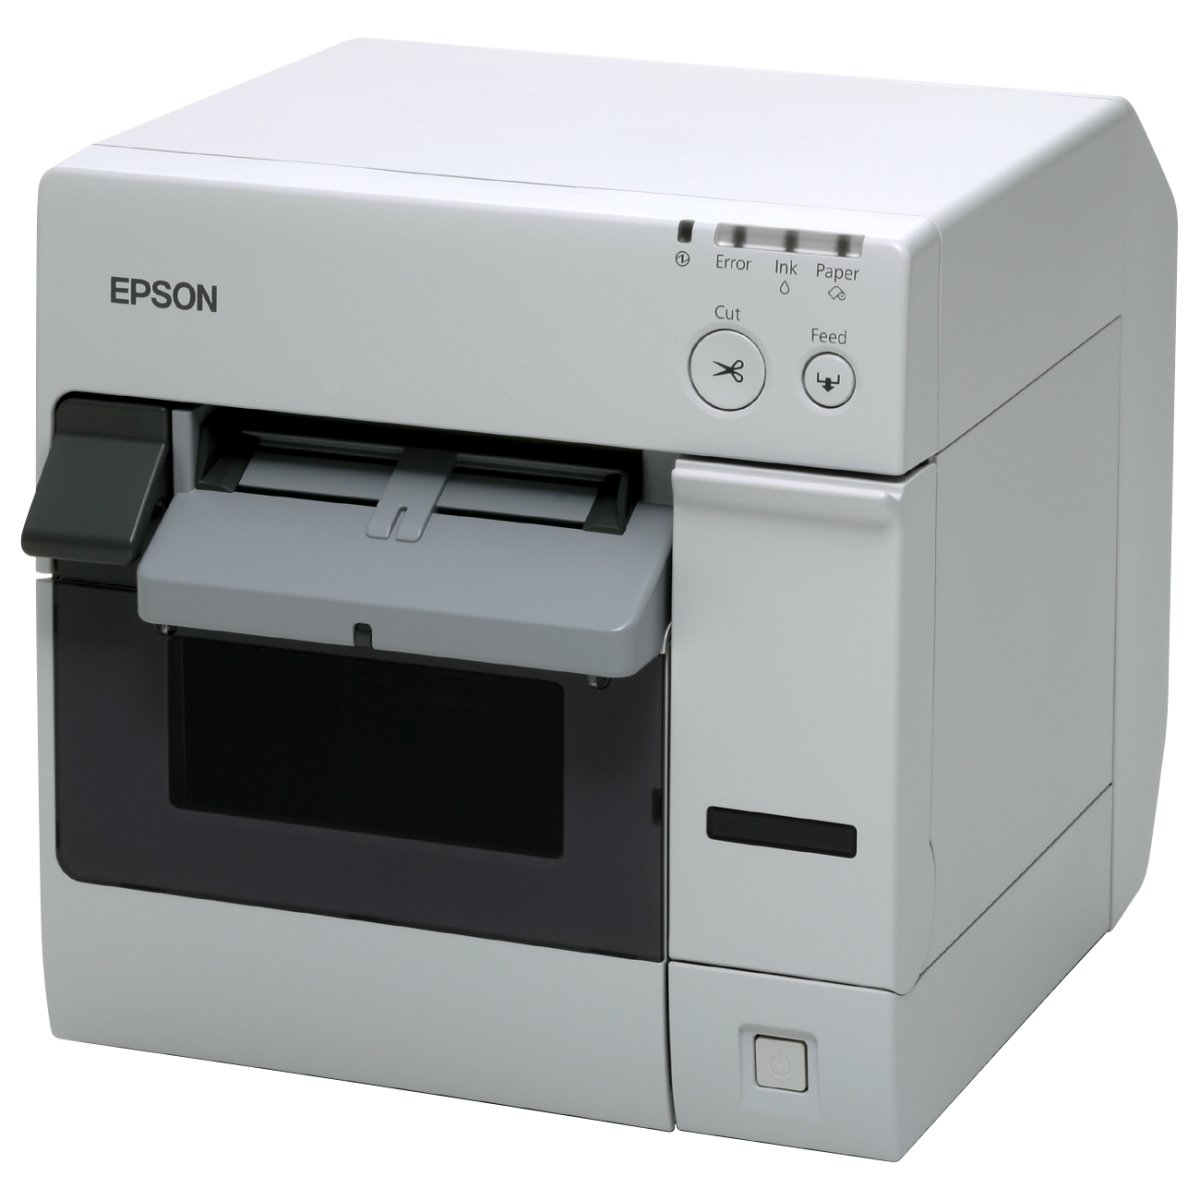 Color printer label - Amazon Com Epson Securcolor Tm C3400 Inkjet Printer Color Label Print C31ca26011 Electronics